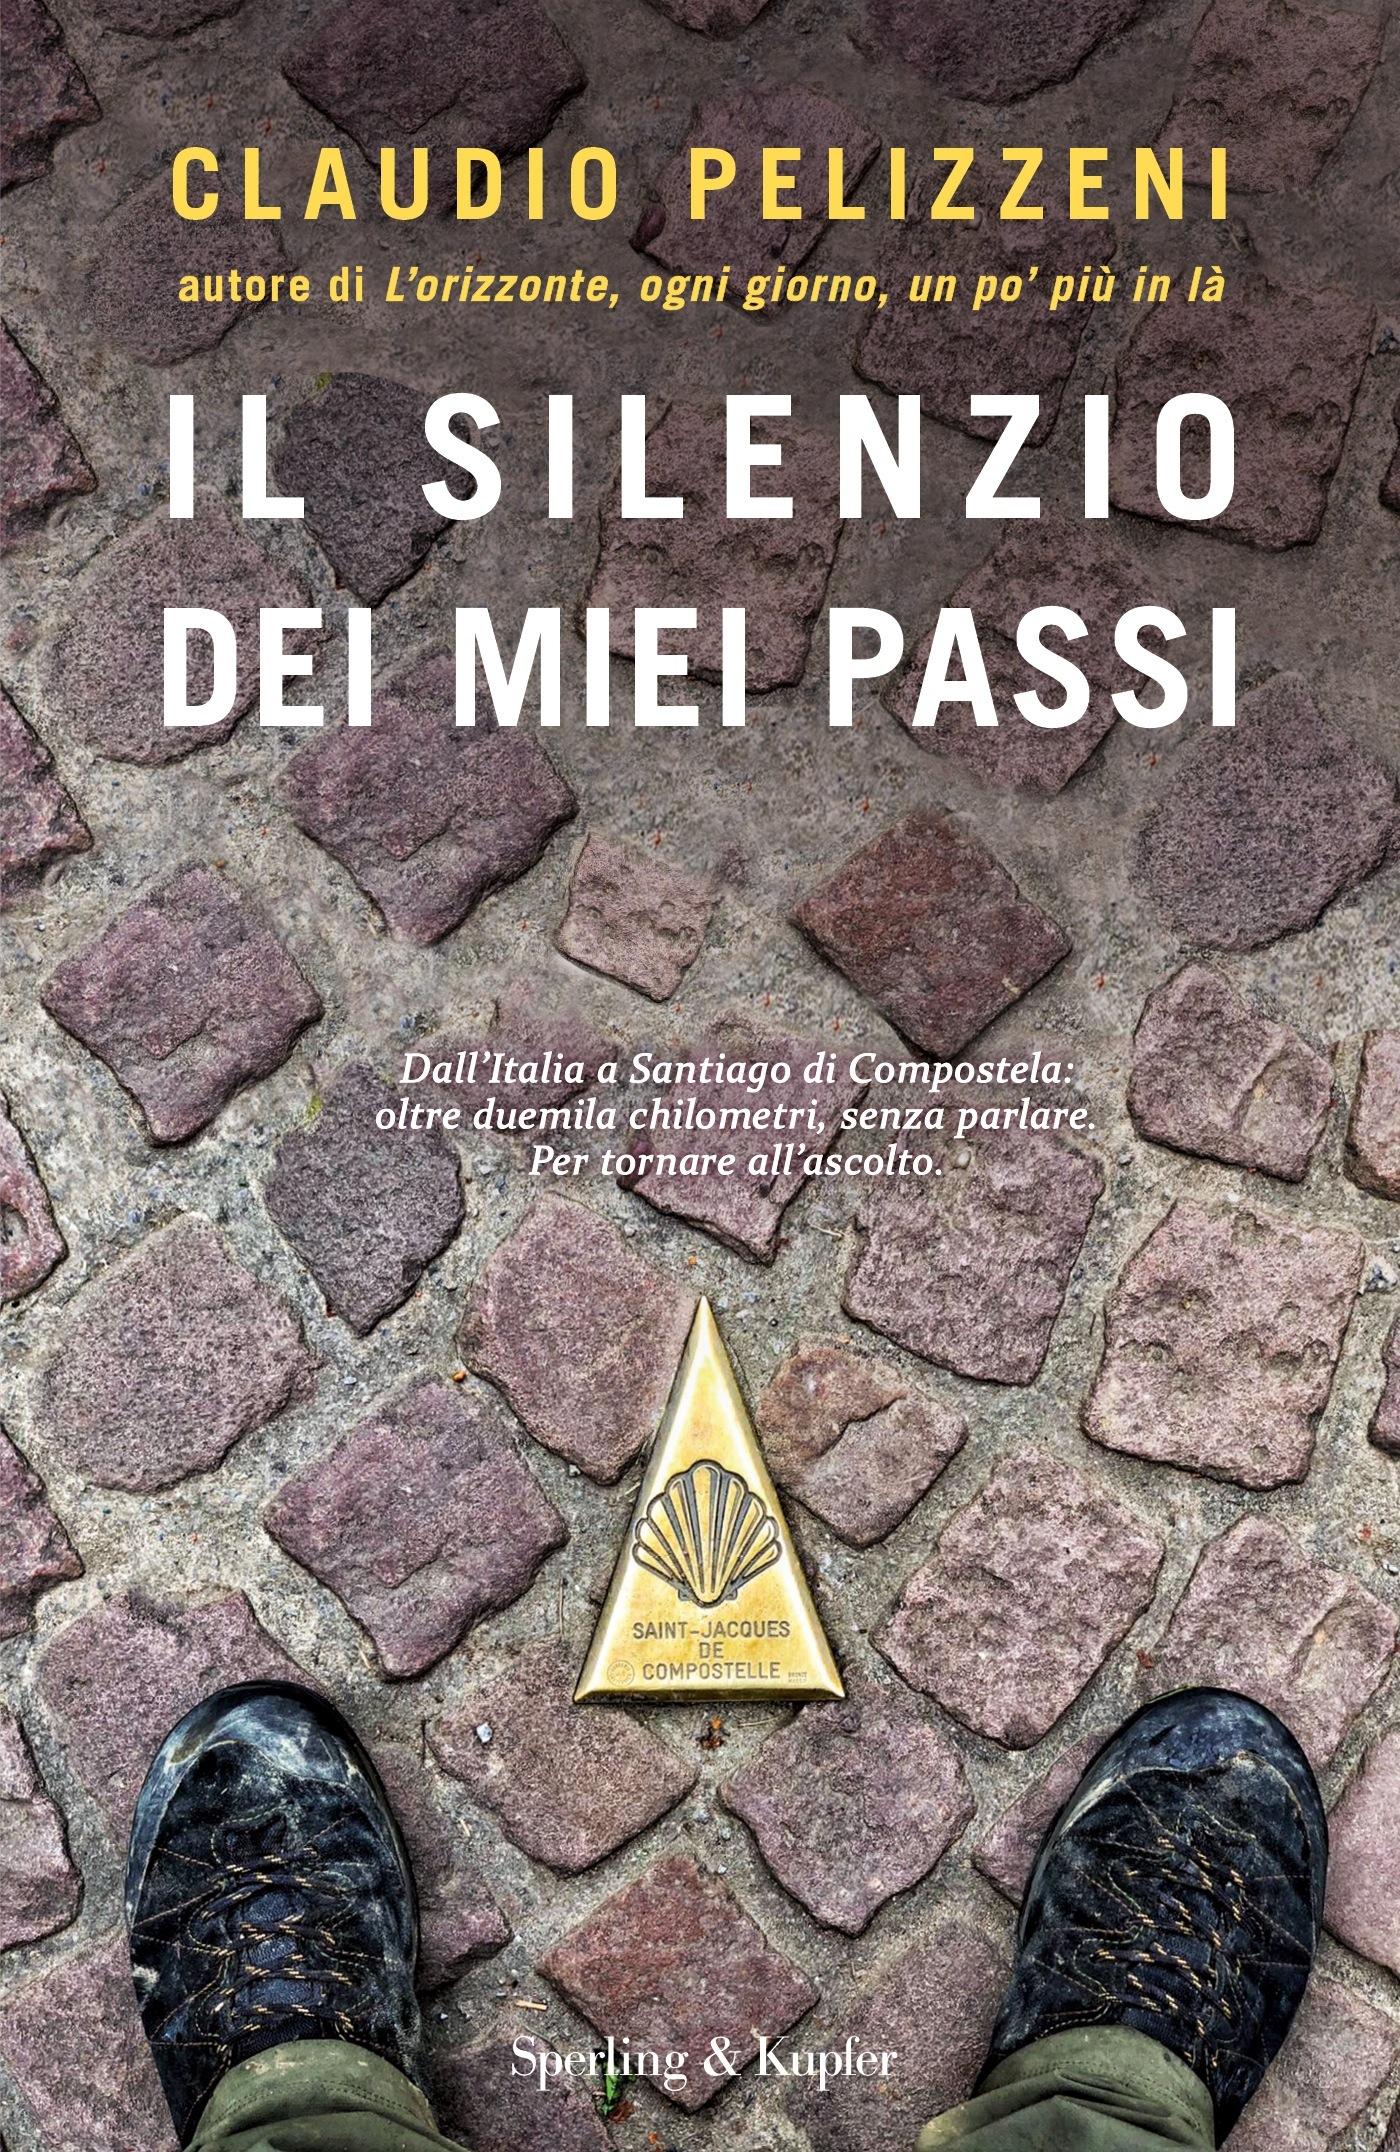 Pelizzeni_Il silenzio dei miei passi